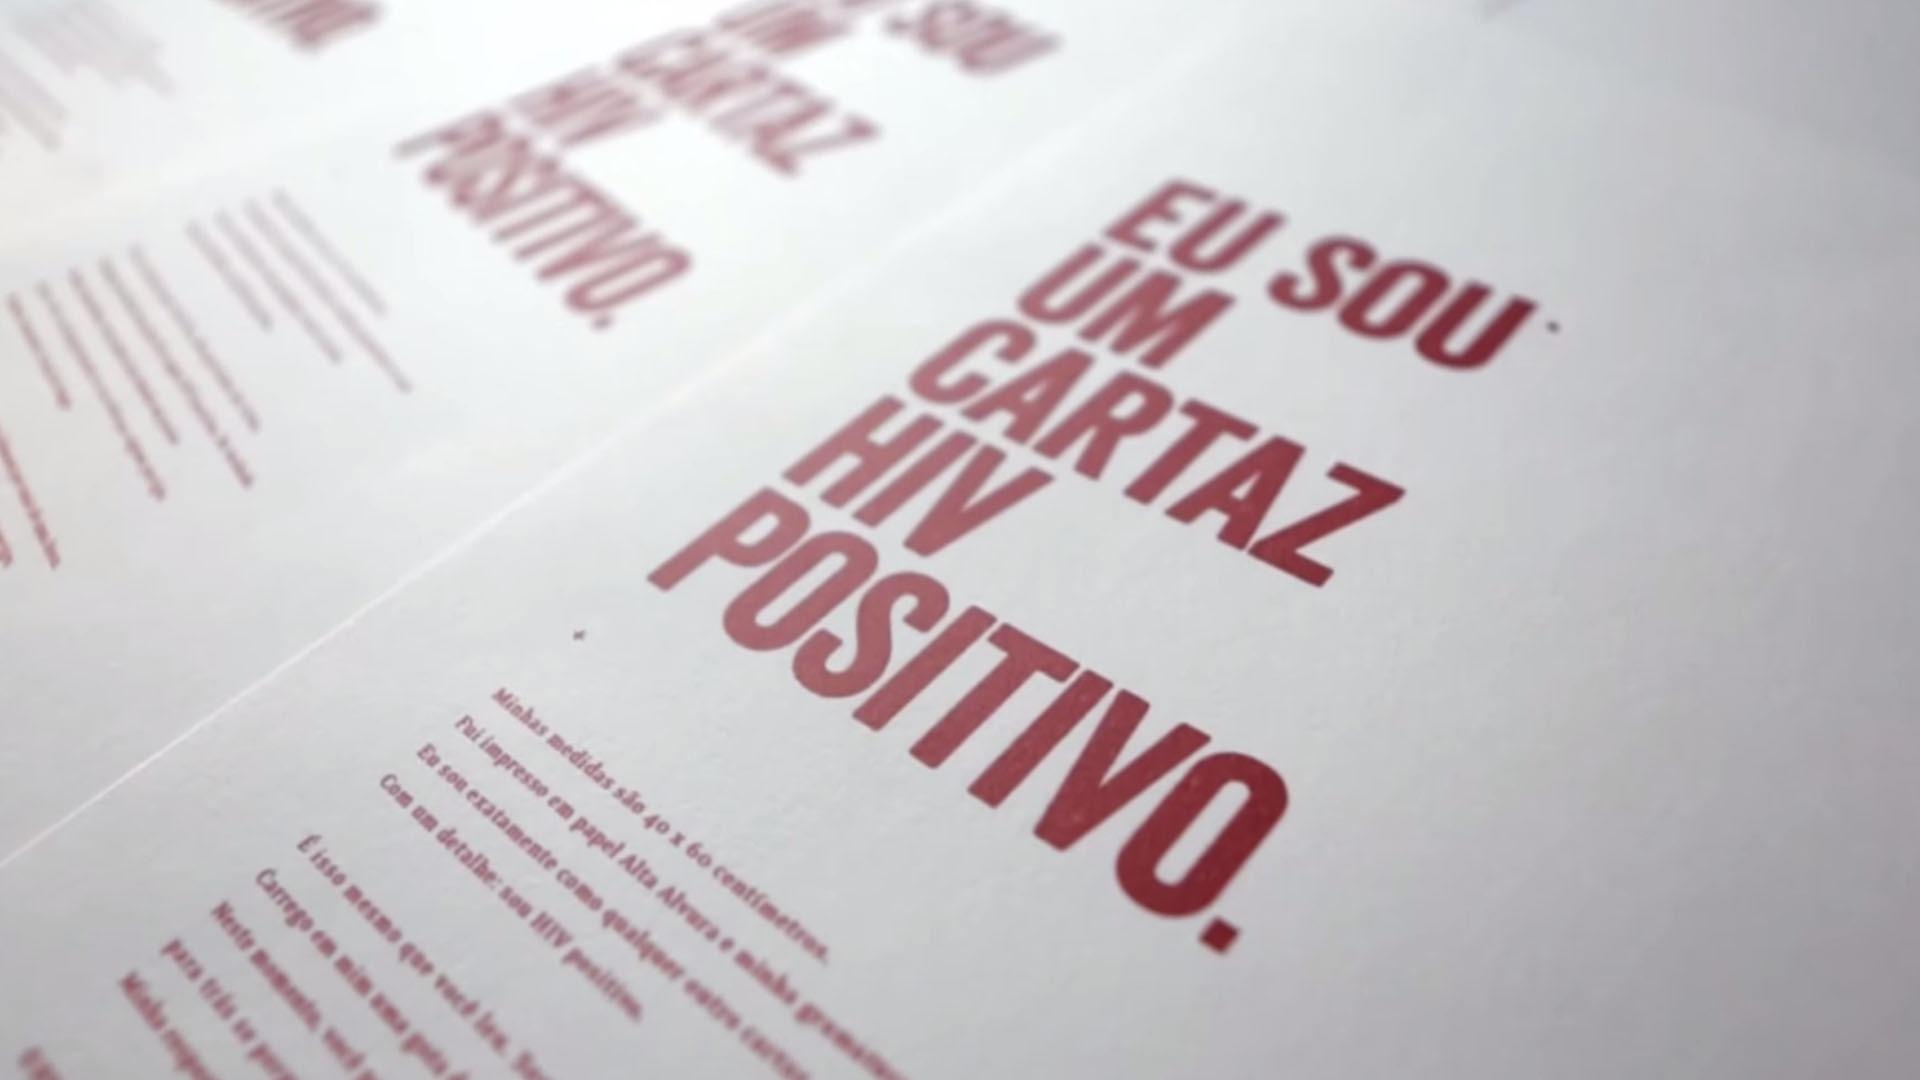 Cartaz HIV Positivo: depoimento Jeferson Guimarães Martins